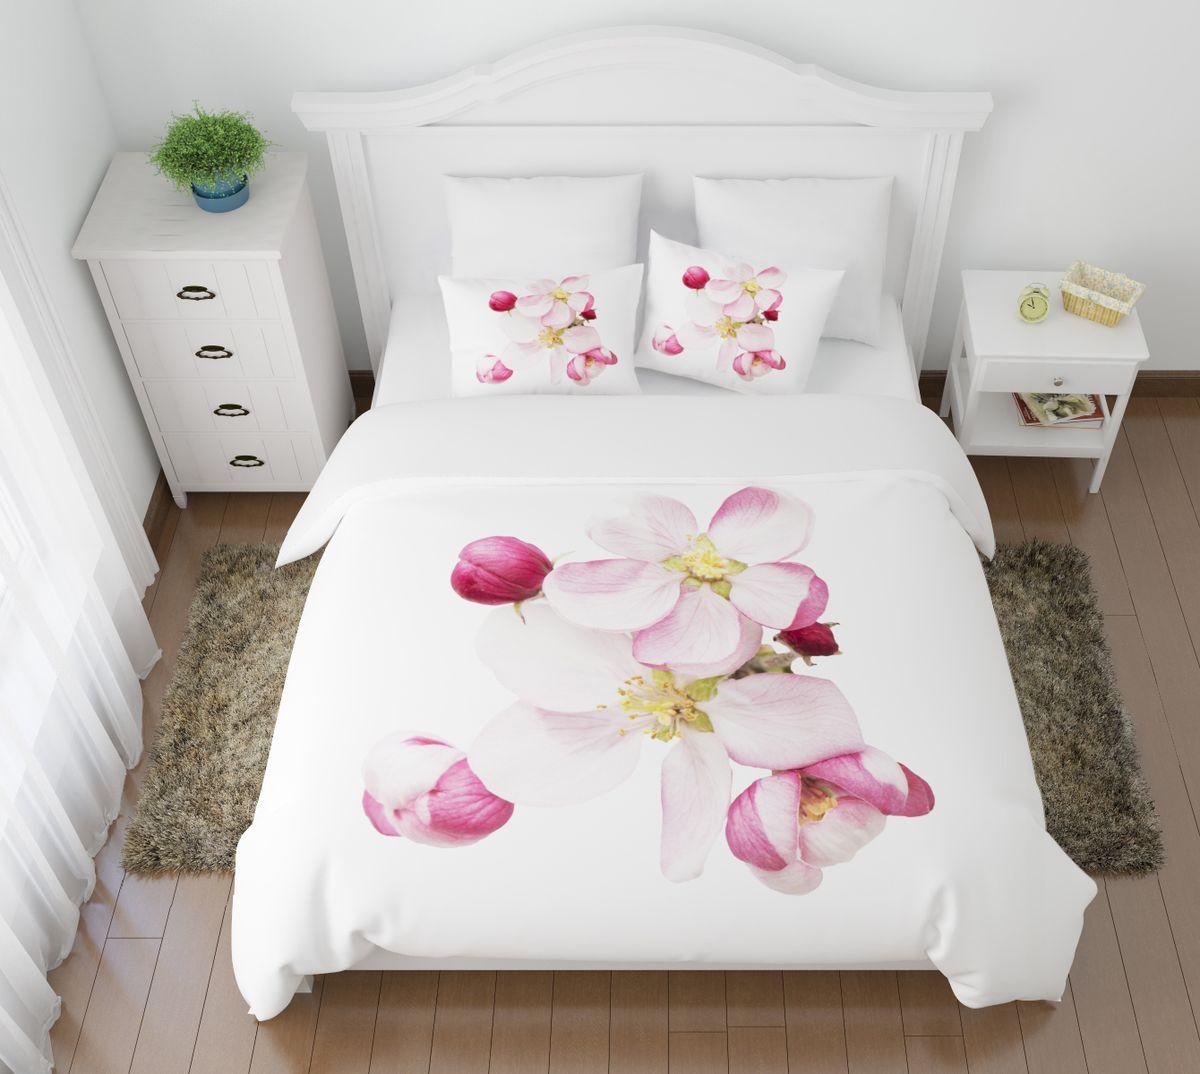 Комплект белья Сирень Распустившиеся цветы, 1,5-спальный, наволочки 50x70FA-5125 WhiteКомплект постельного белья Сирень Распустившиеся цветы состоит из простыни, пододеяльника и 2 наволочек. Комплект выполнен из современных гипоаллергенных материалов. Приятный при прикосновении сатин - гарантия здорового, спокойного сна. Ткань хорошо впитывает влагу, надолго сохраняет яркость красок. Четкий, изящный рисунок в сочетании с насыщенными красками делает комплект постельного белья неповторимой изюминкой любого интерьера. Постельное белье идеально подойдет для подарка.